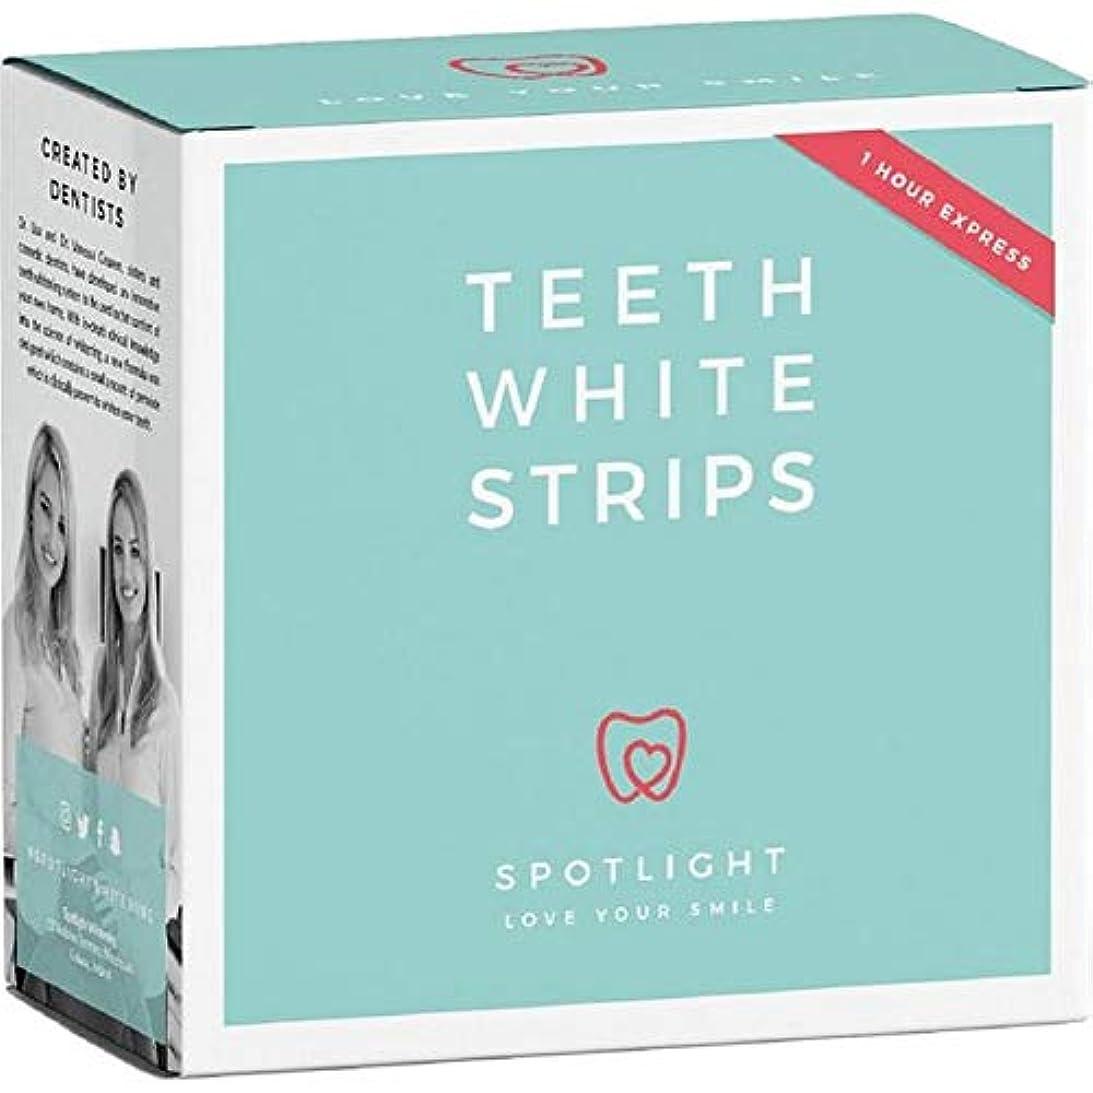 鼓舞するフラグラント少ない[Spotlight Teeth Whitening ] スポットライトホワイトニング歯ホワイトストリップ - Spotlight Whitening Teeth White Strips [並行輸入品]